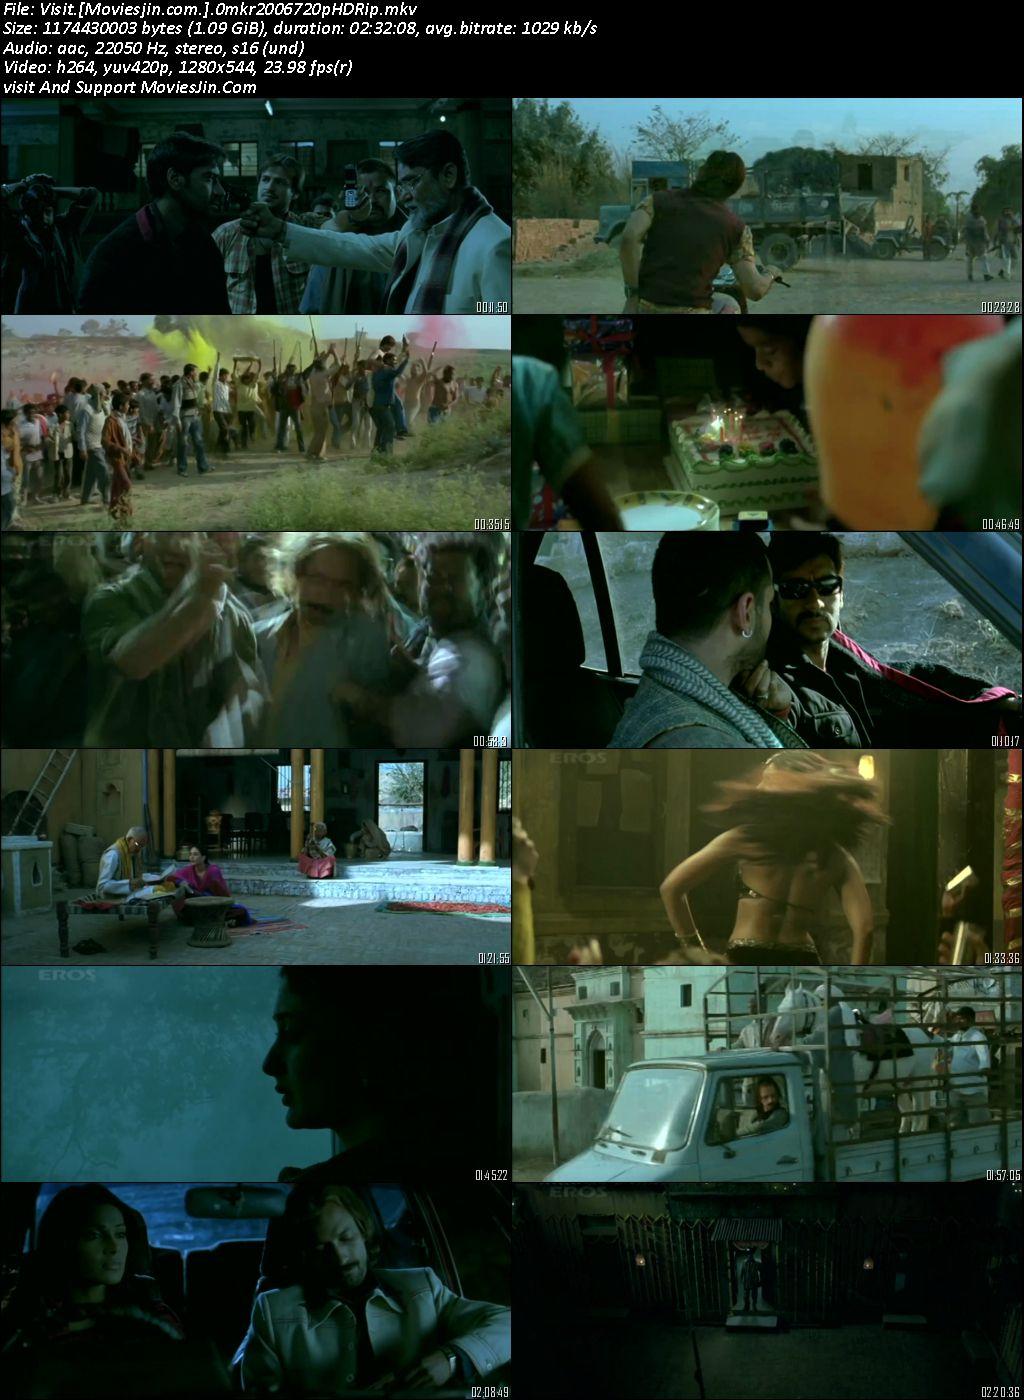 Omkara 2006 HD Download Hindi Movie 480p 399mb